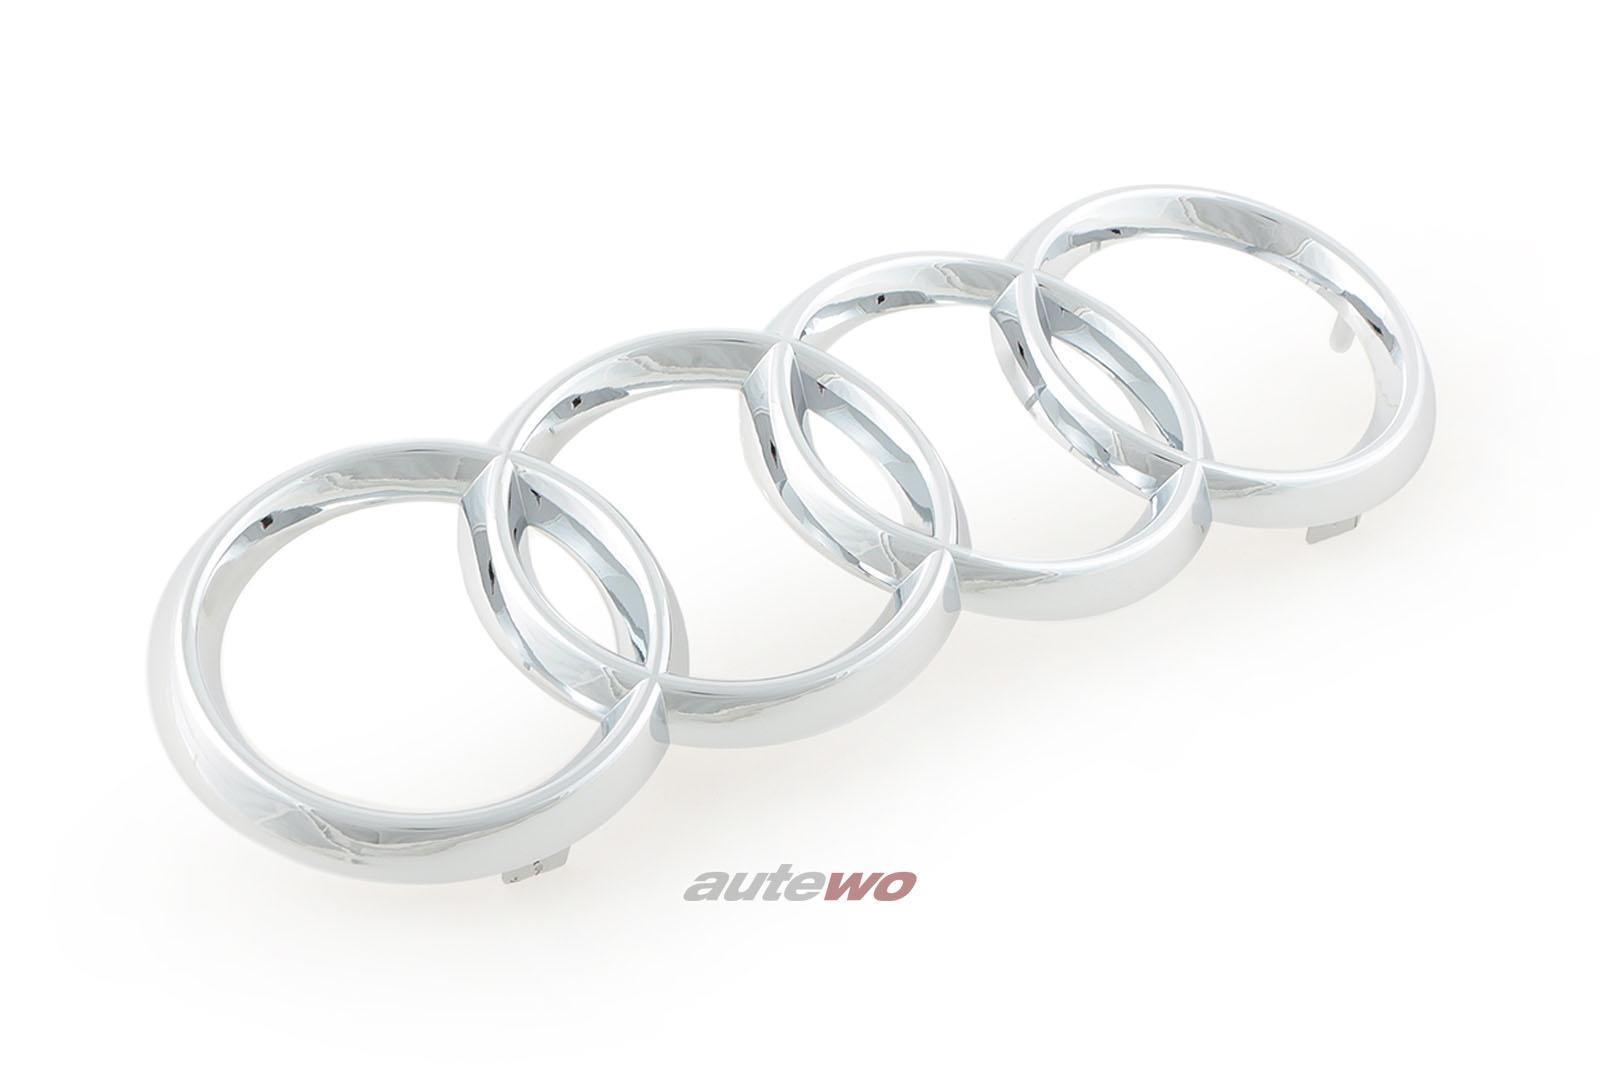 447853605 NEU Audi 200 Typ 44 Audiringe/Audi-Ringe Kühlergrill